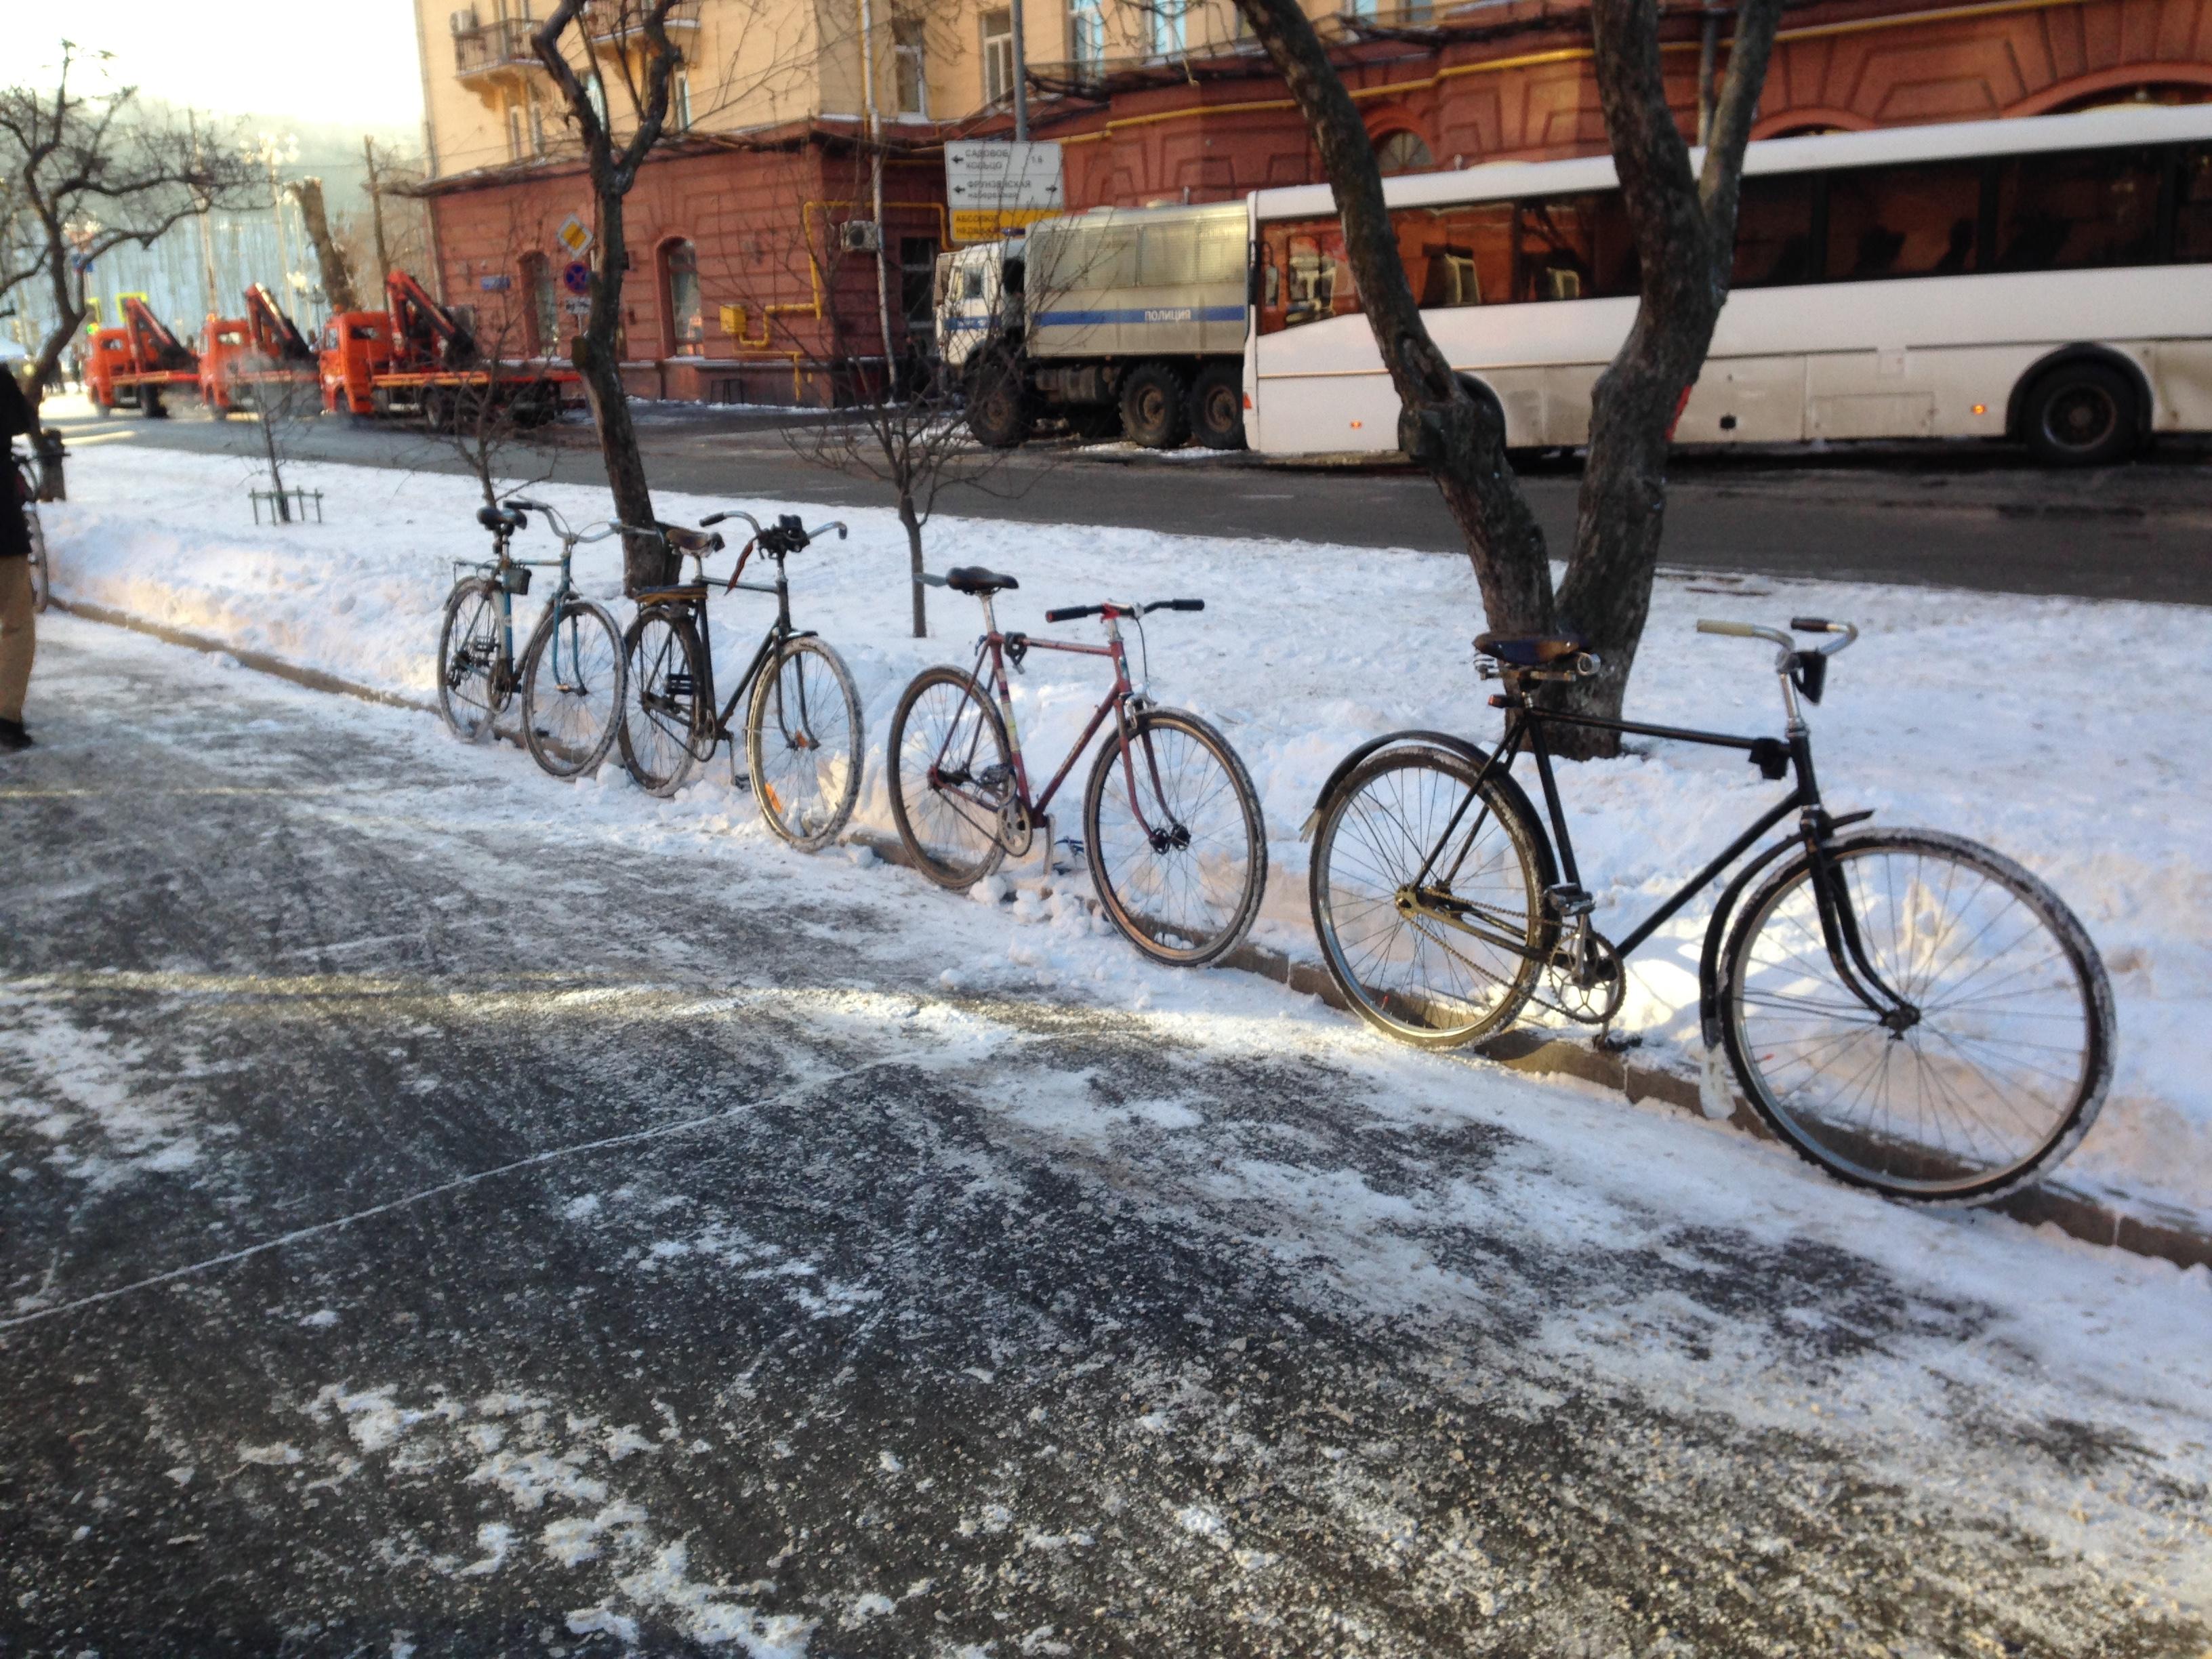 Построили велосипеды в ряд. Мой ПВЗ, ХВЗ спорт, ХВЗ Украина в120, турист.